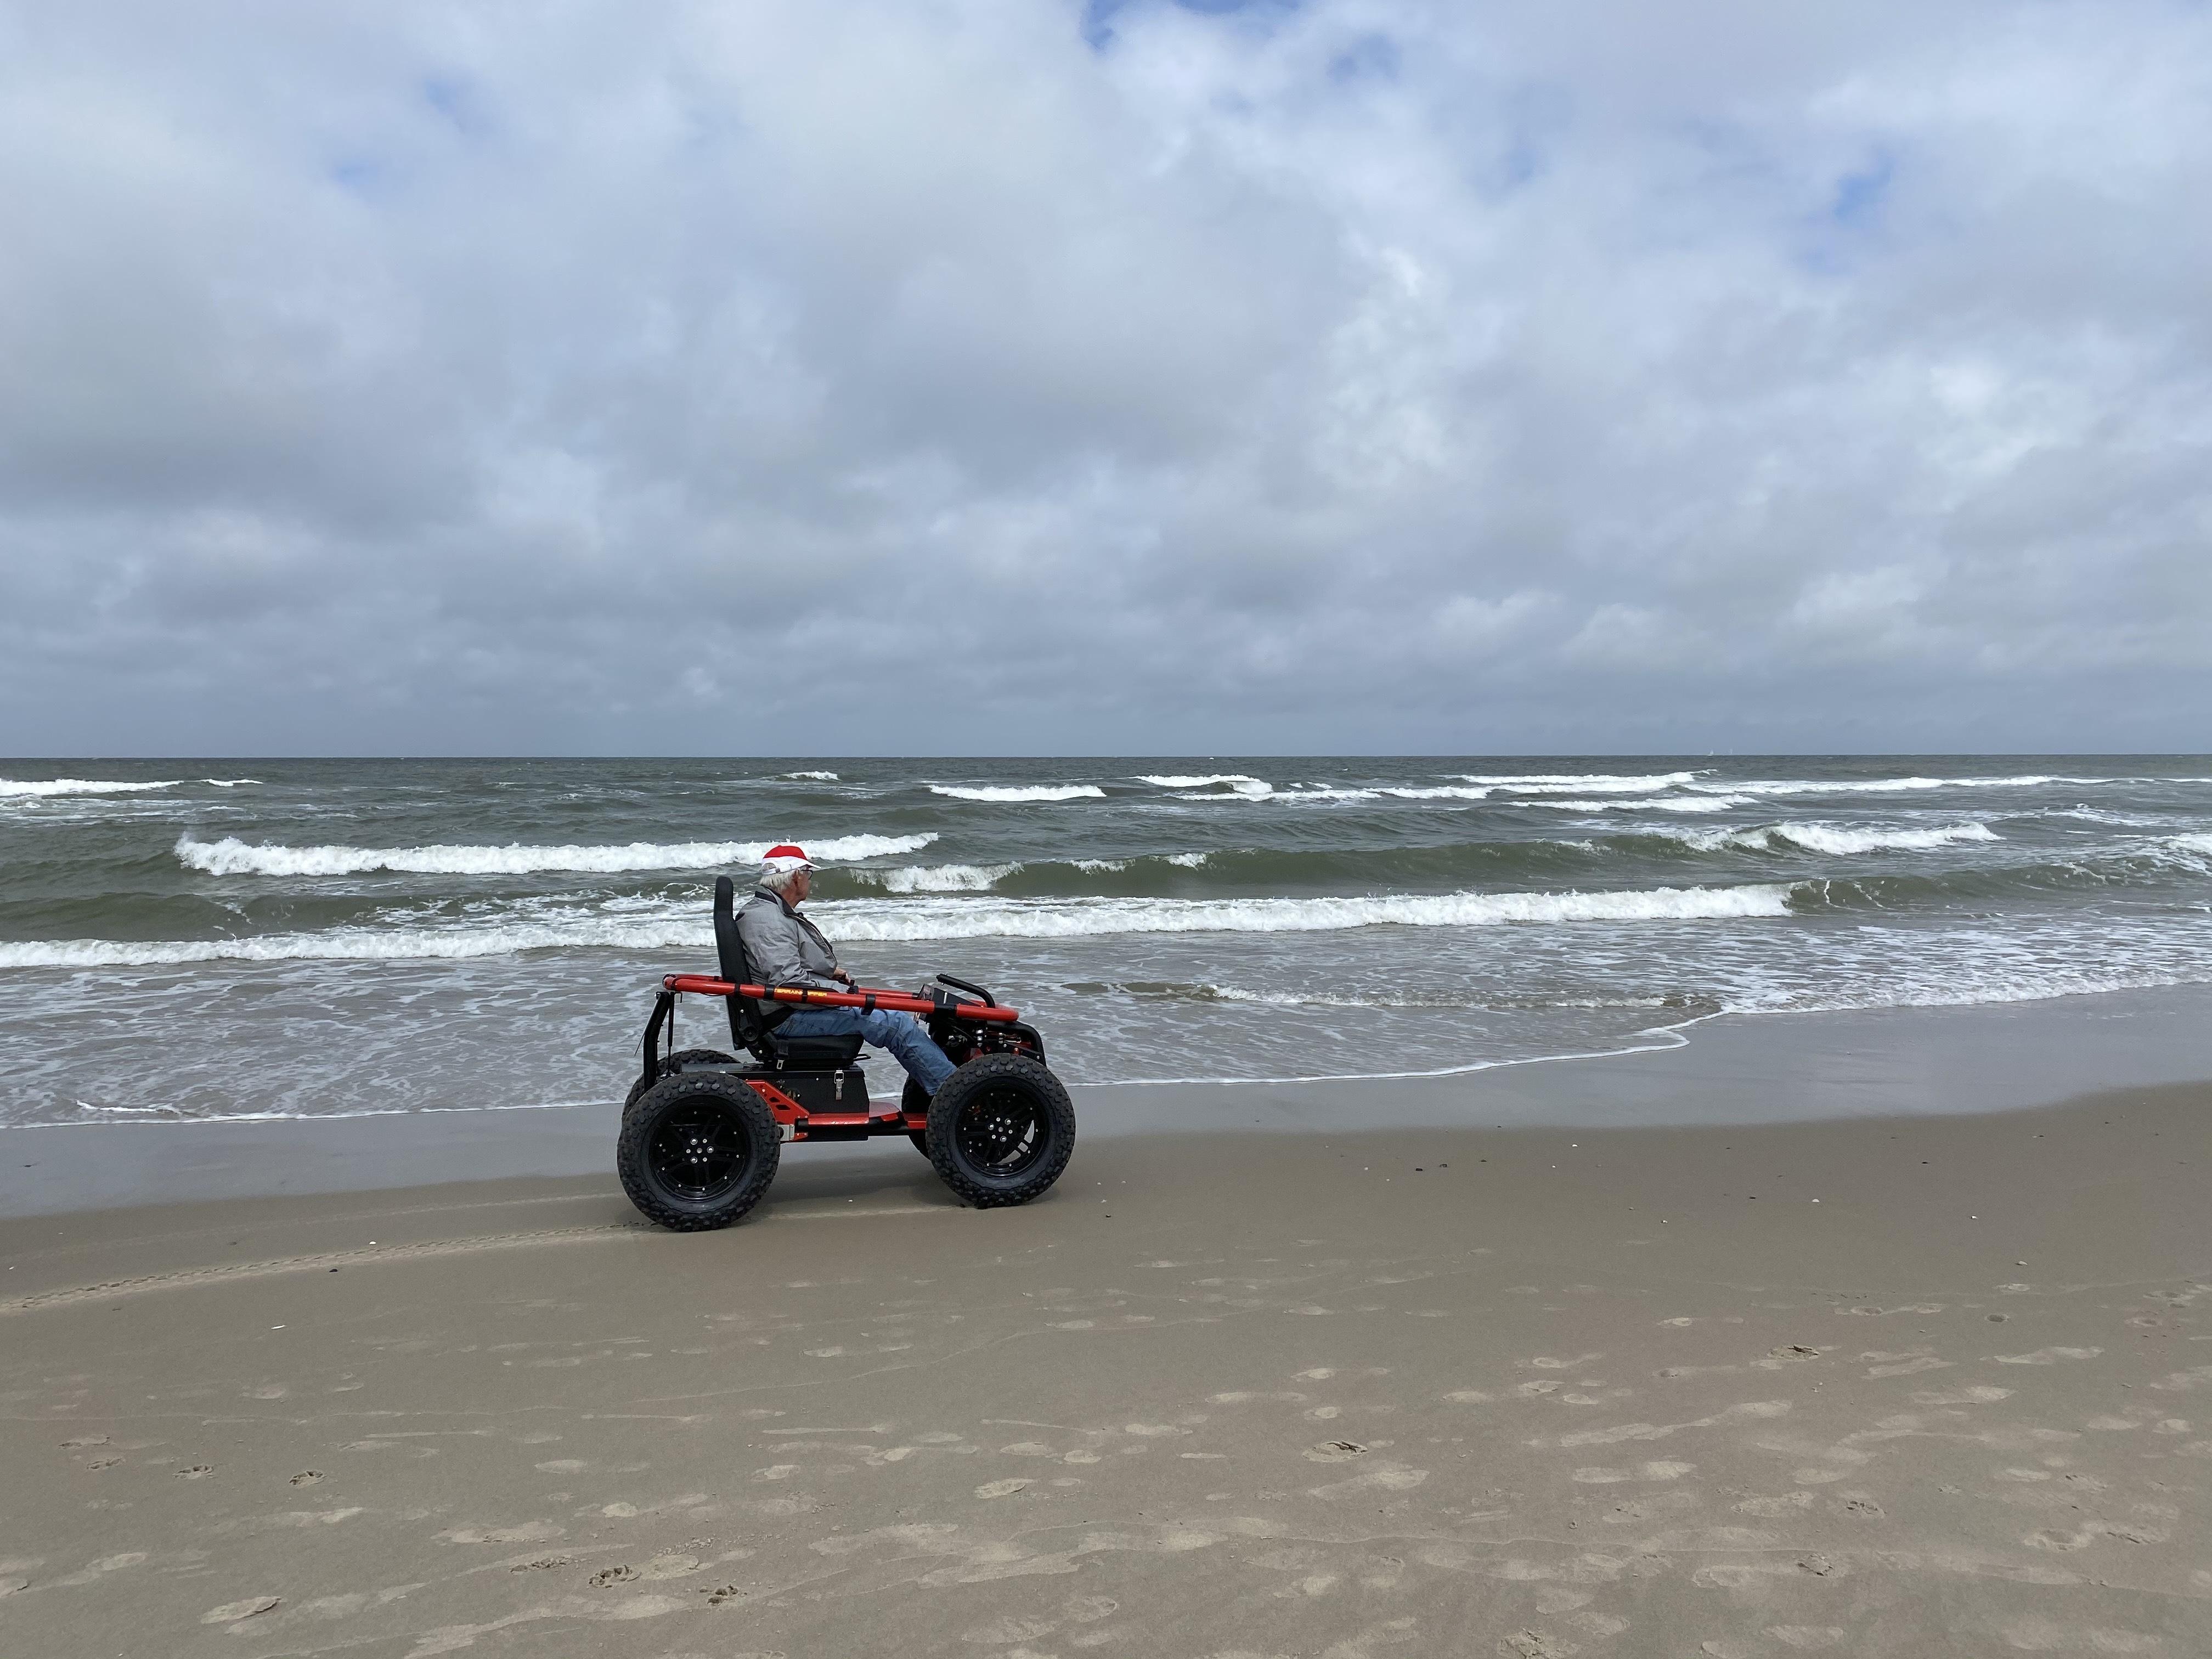 Rolstoel voor mindervaliden op het strand strandhopper VVV Texel SIGT 2